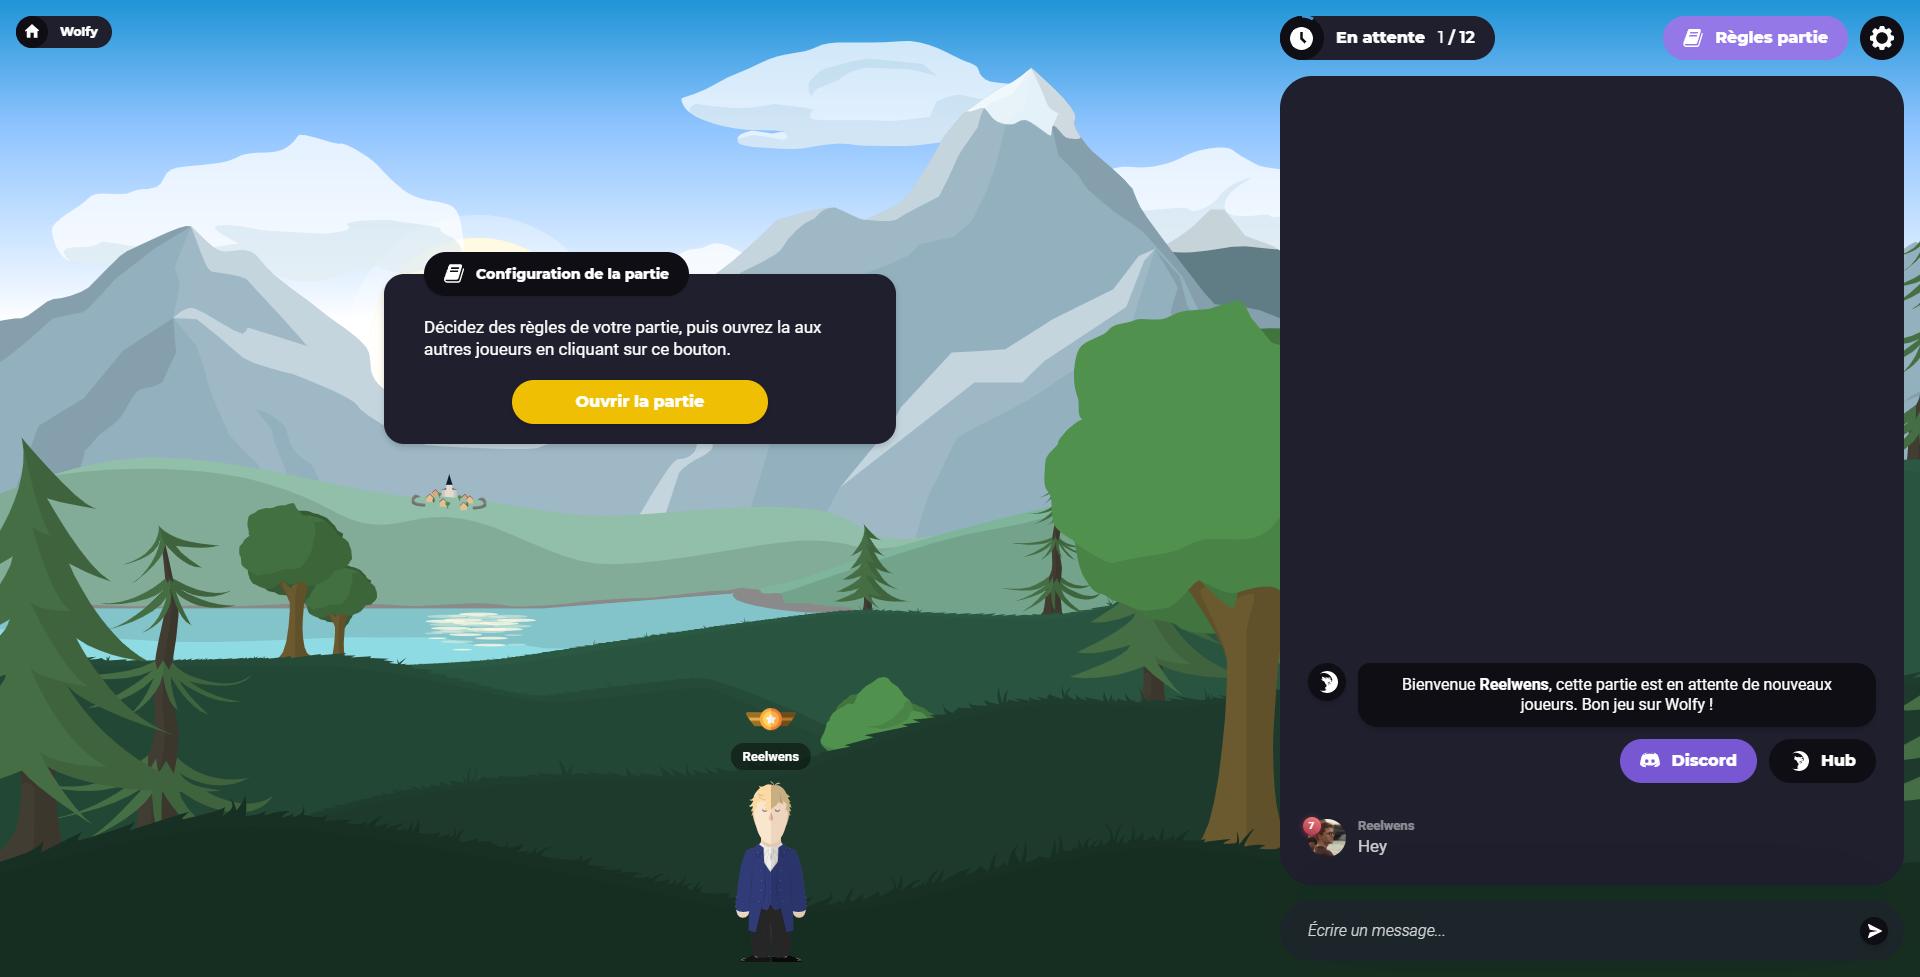 Nouvelle interface